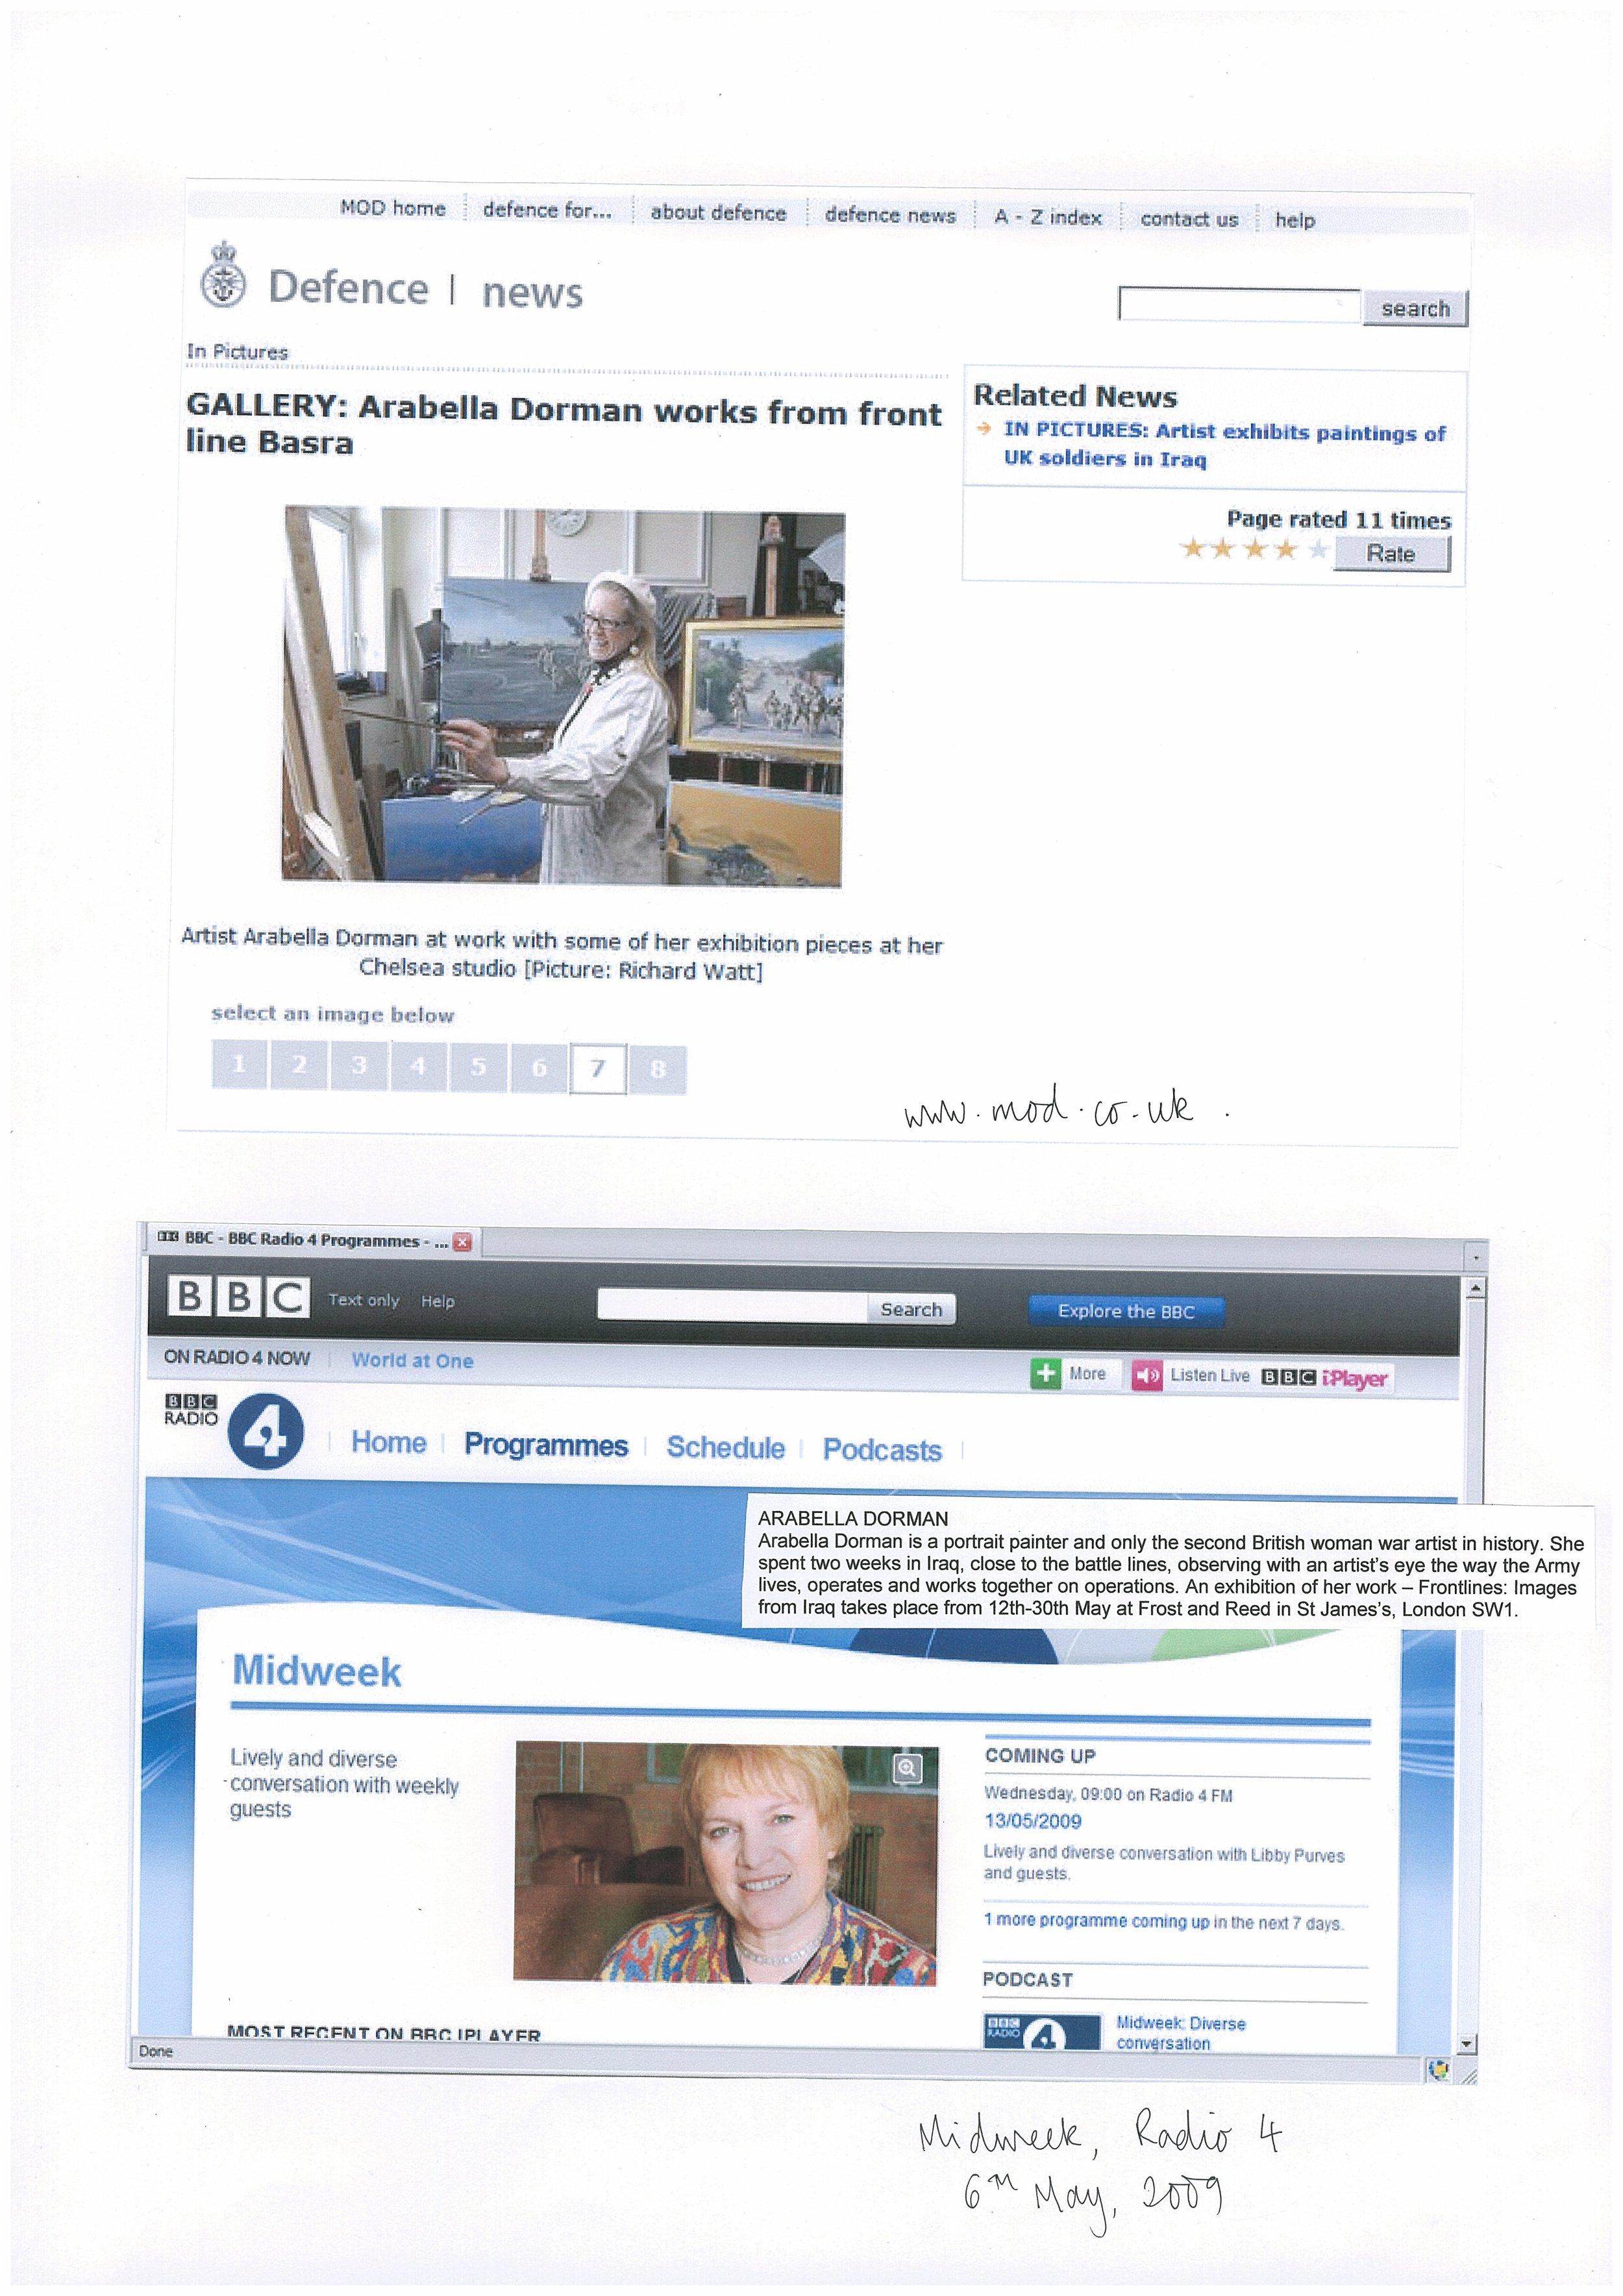 Radio 4 - Midweek, May 6 2009.jpg